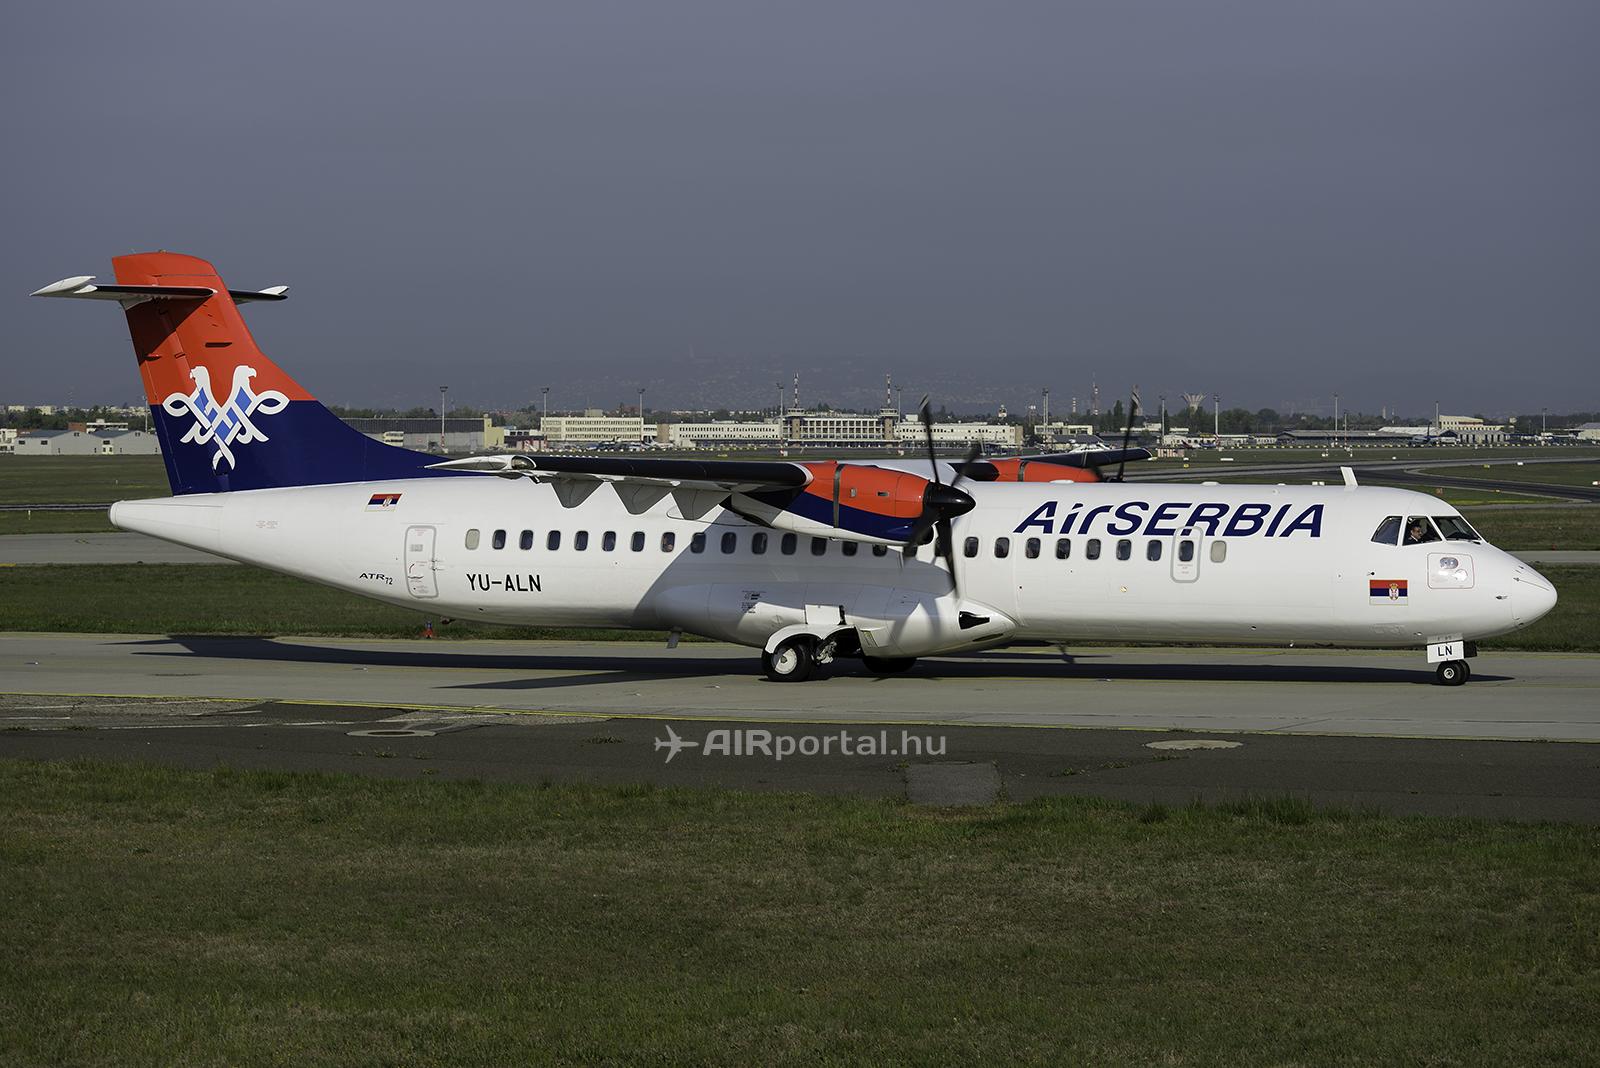 A budapesti járatot is kiszolgáló ATR 72-es repülőgépeken egyelőre nem lesz WiFi-elérési lehetőség.(Fotó: Bodorics Tamás - AIRportal.hu) | © AIRportal.hu